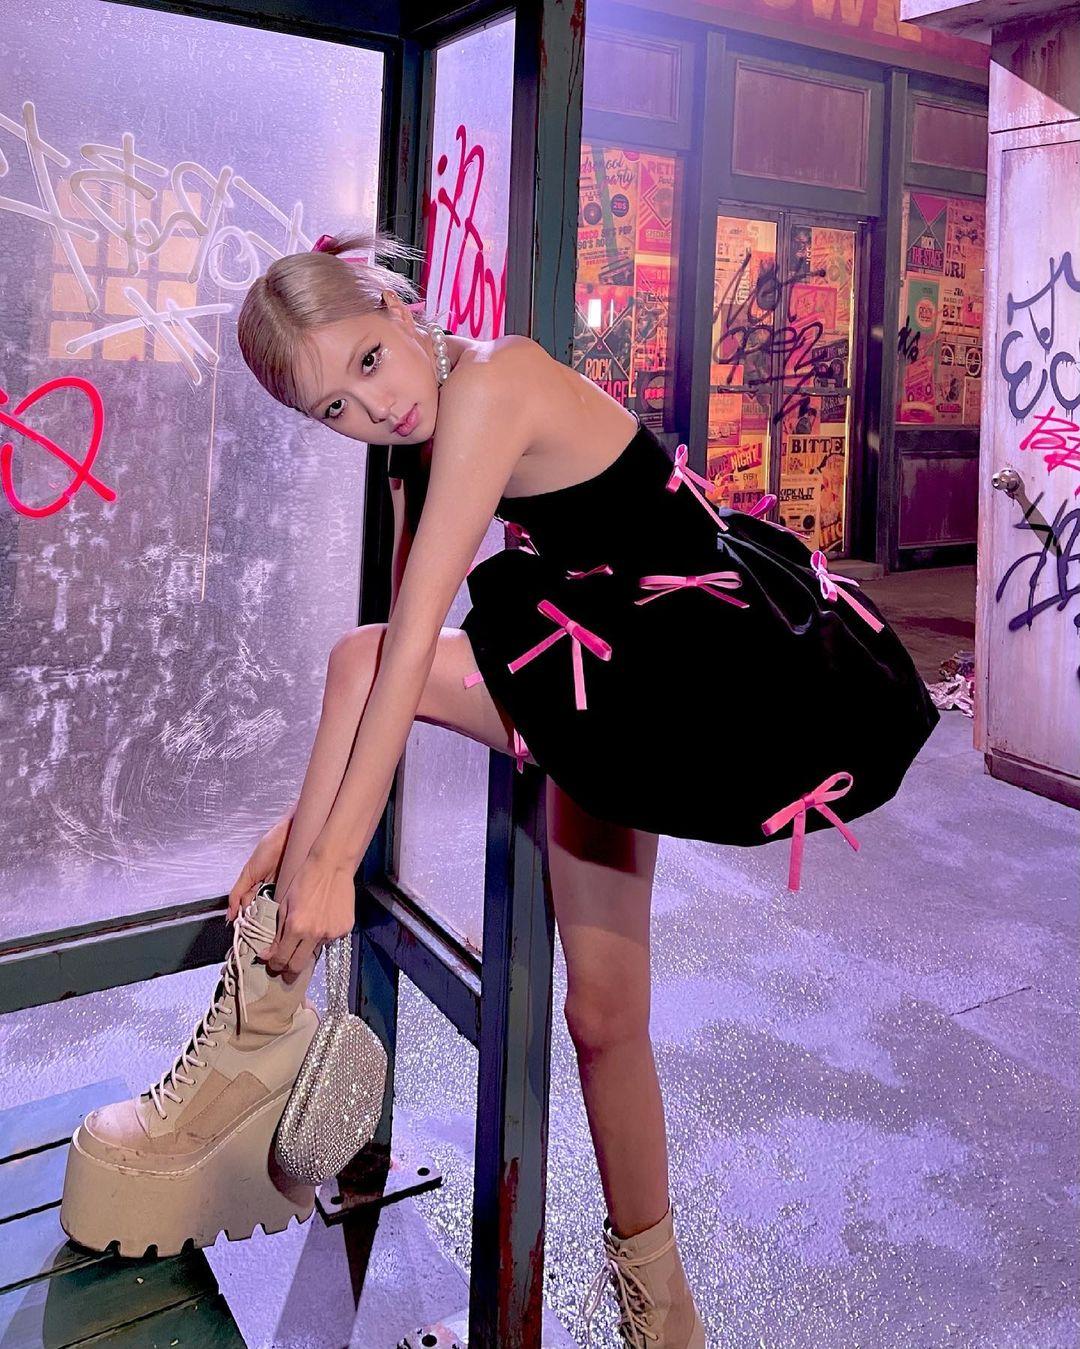 Trong bộ tứ Black Pink, Rosé không chỉ là thành viên cao nhất mà còn là người sở hữu đôi chân mảnh khảnh nhất. Dù có đôi chân nhỏ xíu, nữ idol lại có sở thích ngược đời là những đôi giày to oạch với phần đế khủng.